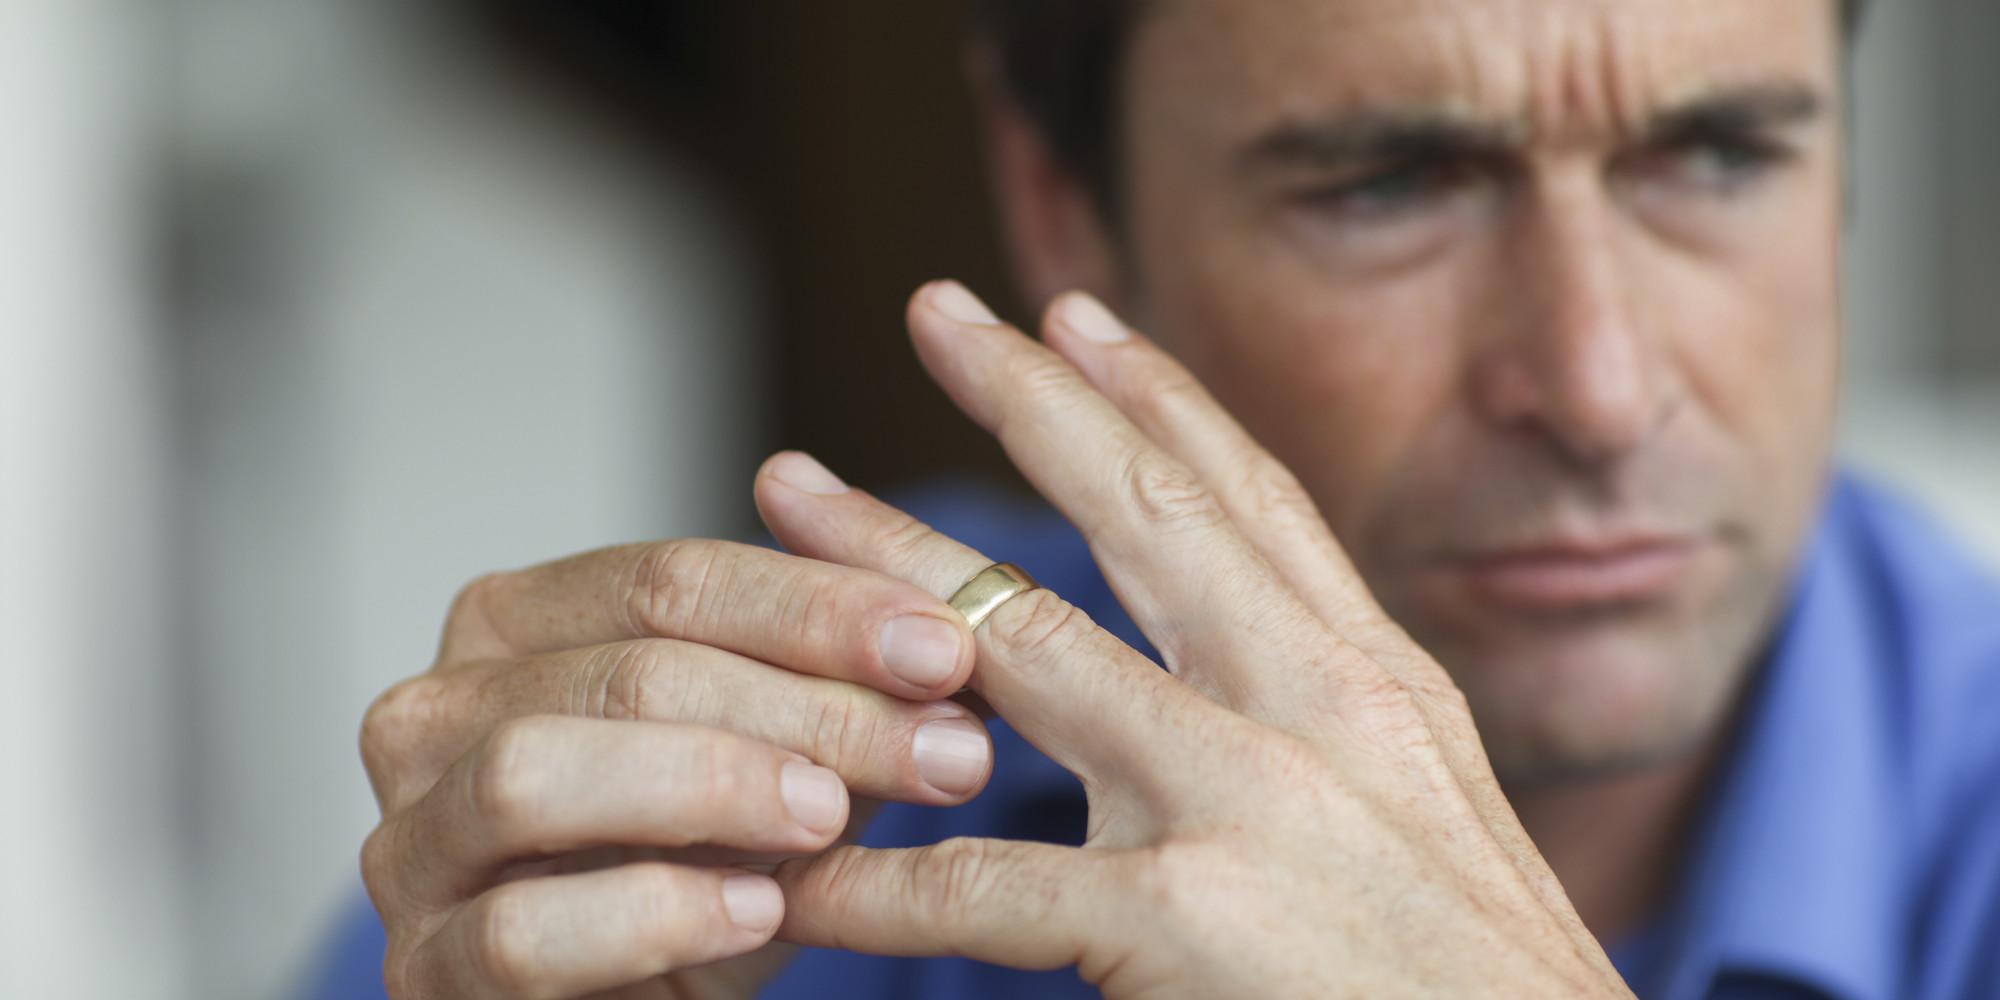 Можно ли развестись без согласия жены{q}